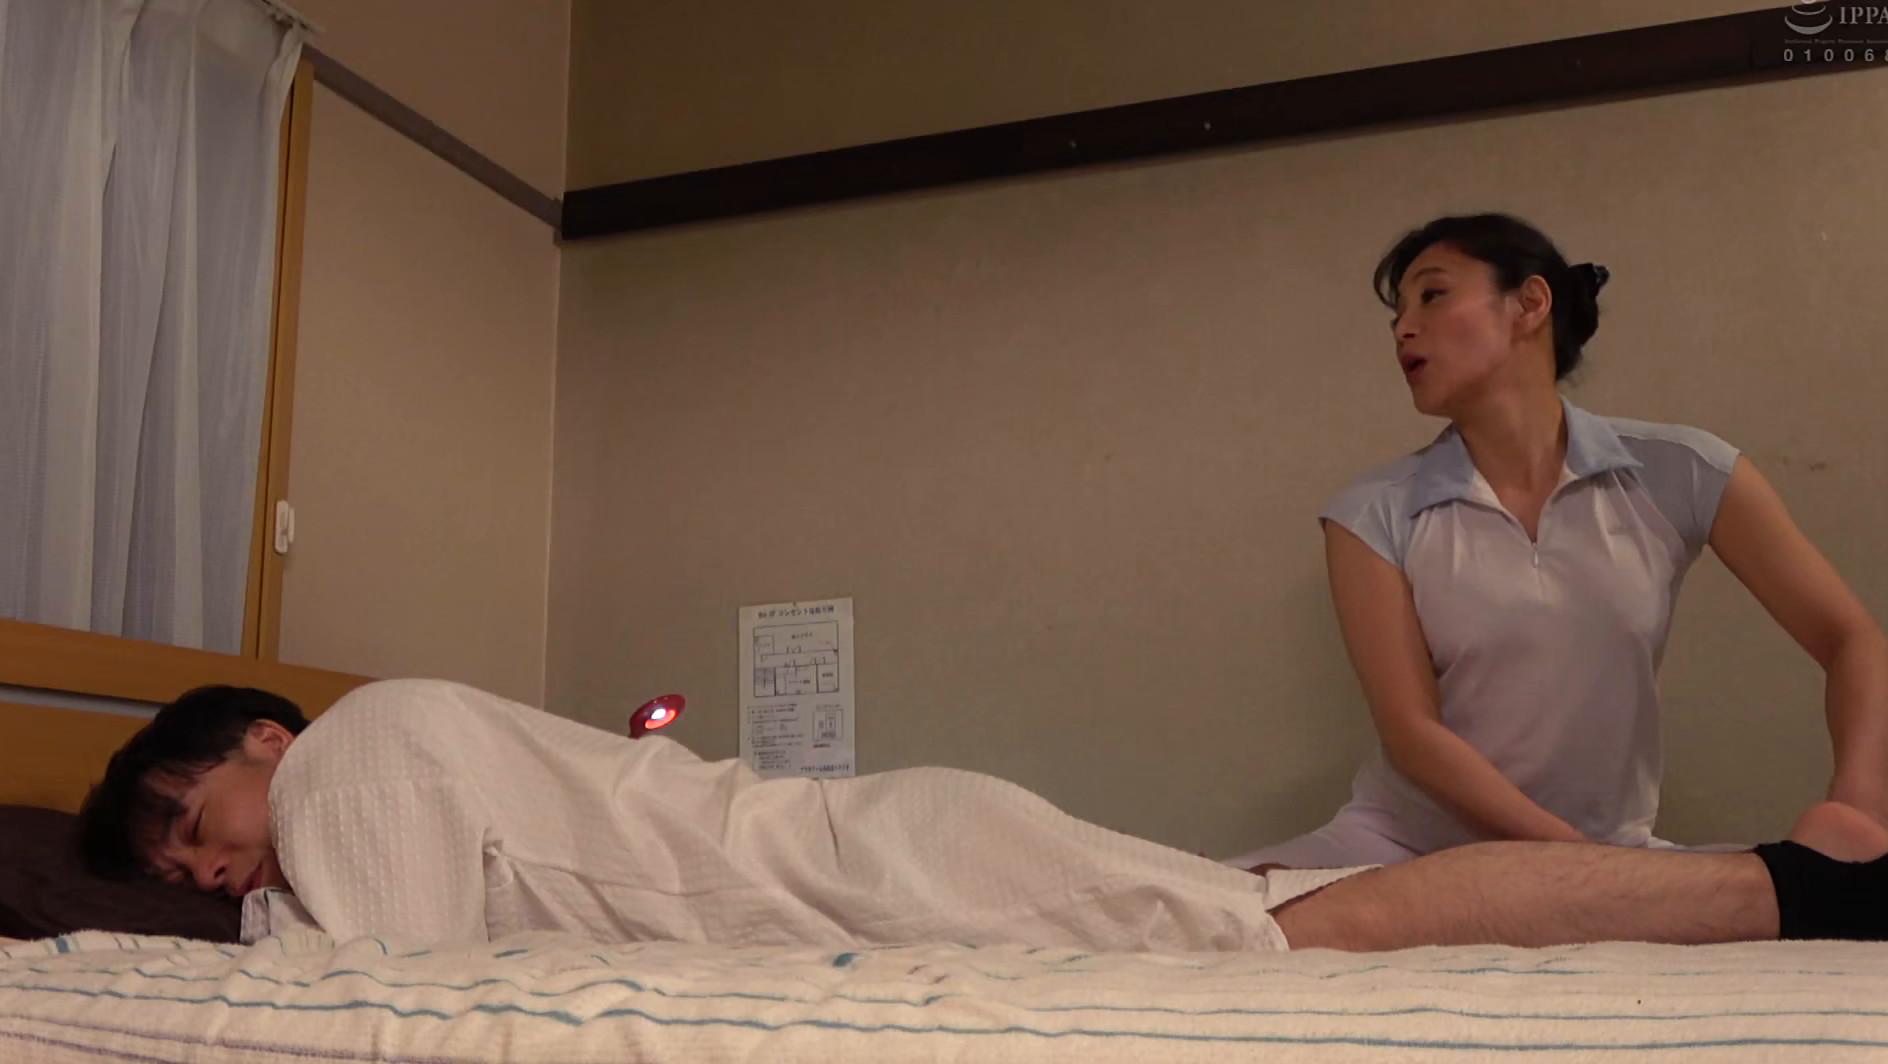 「油断は禁物・・・」施術中のマッサージ熟女が一生懸命やってくれてるのにエロいたずらやってみた 画像1